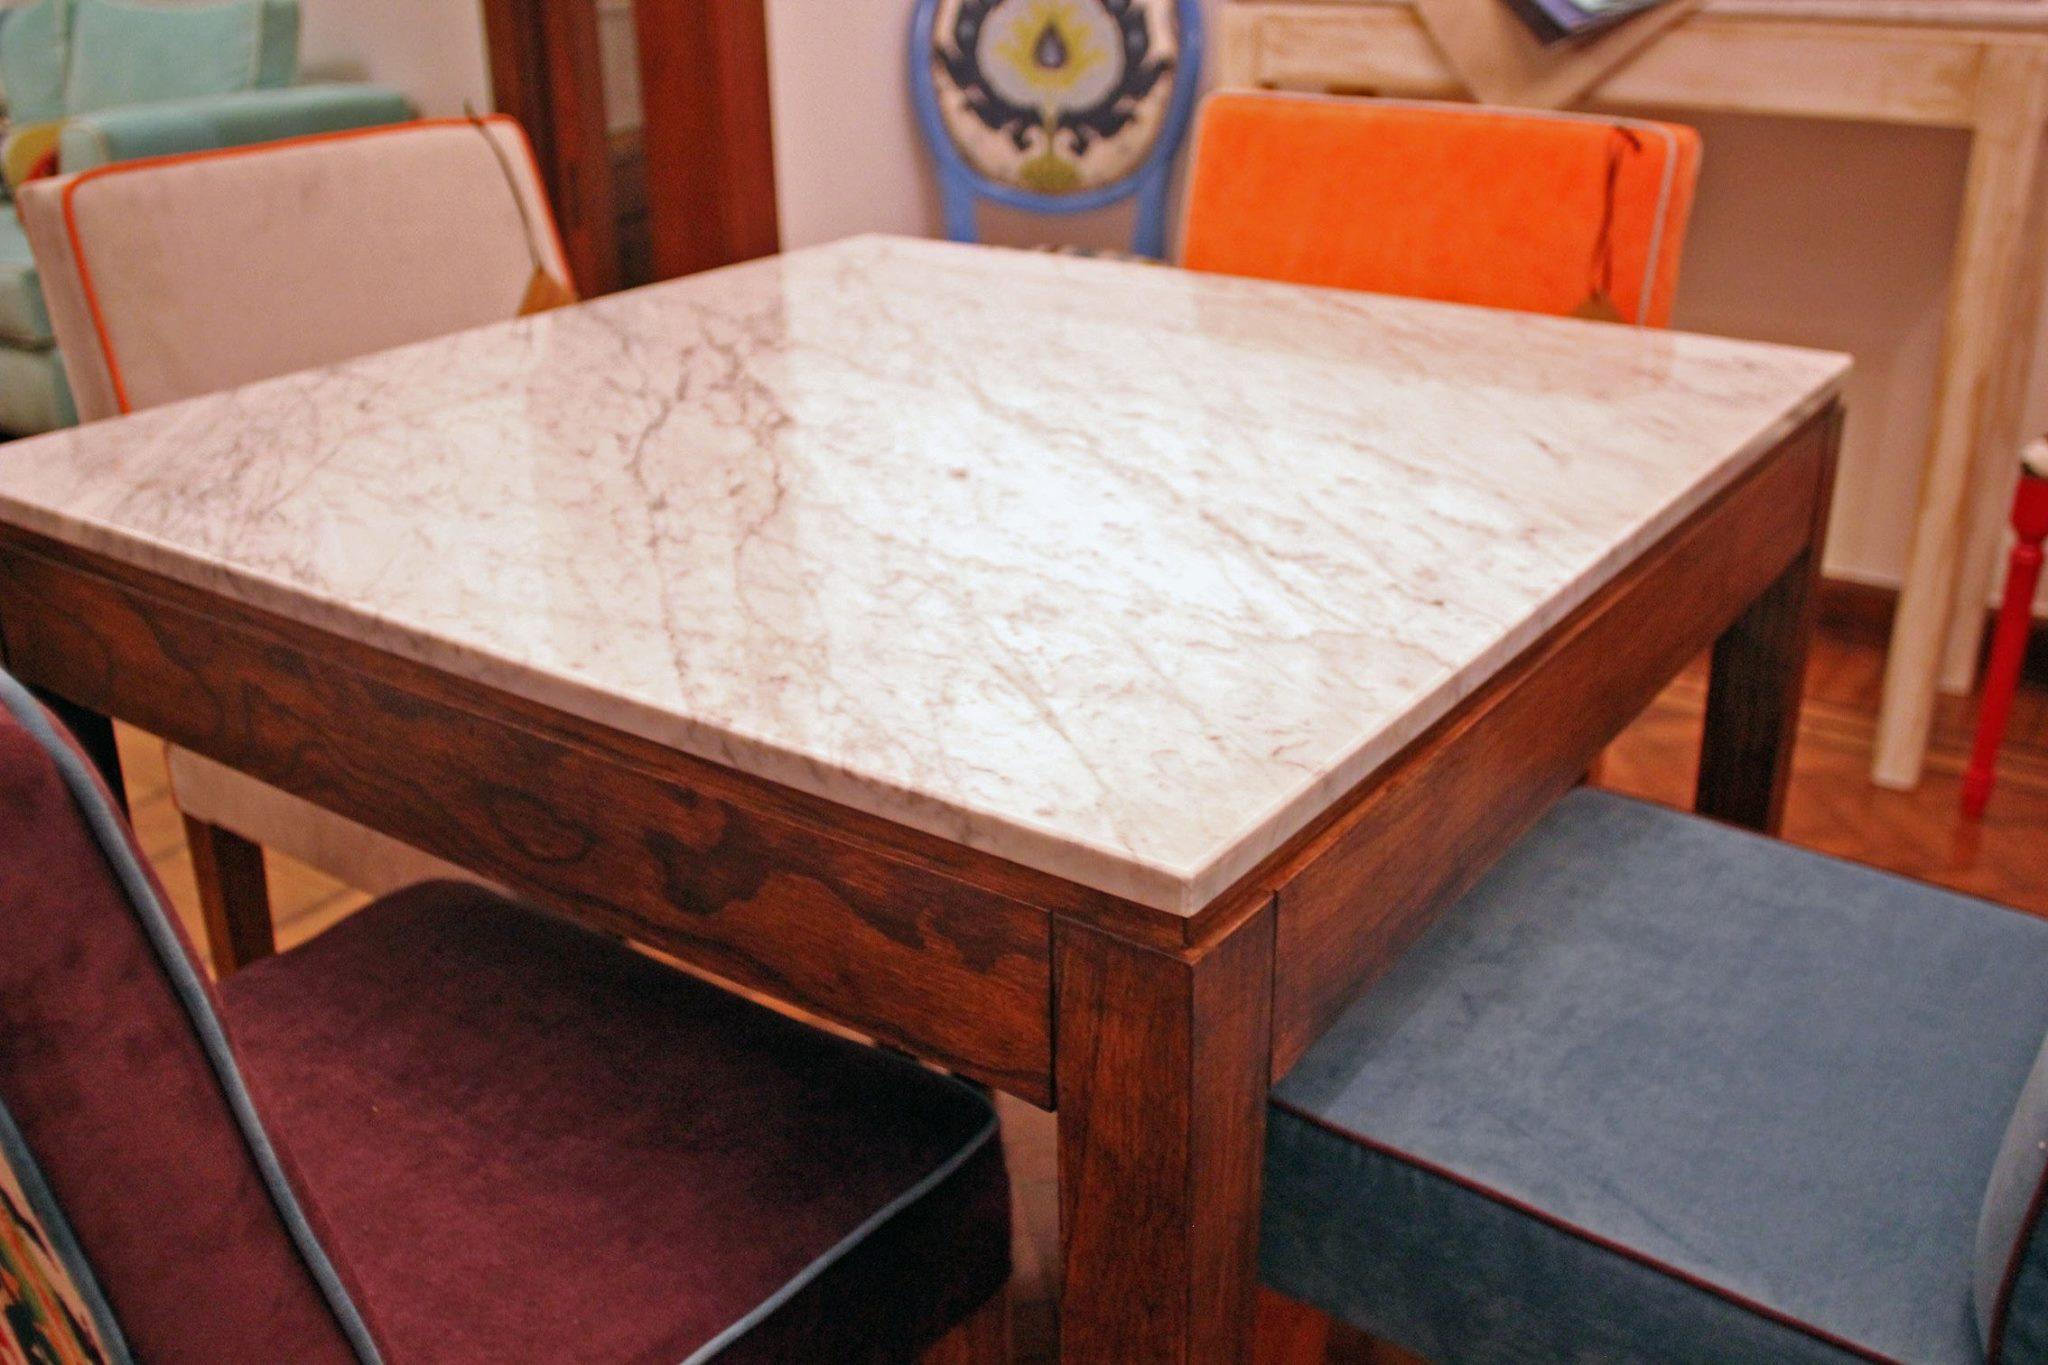 Sillas de colores que combinan con mesa de madera y superficie de mármol